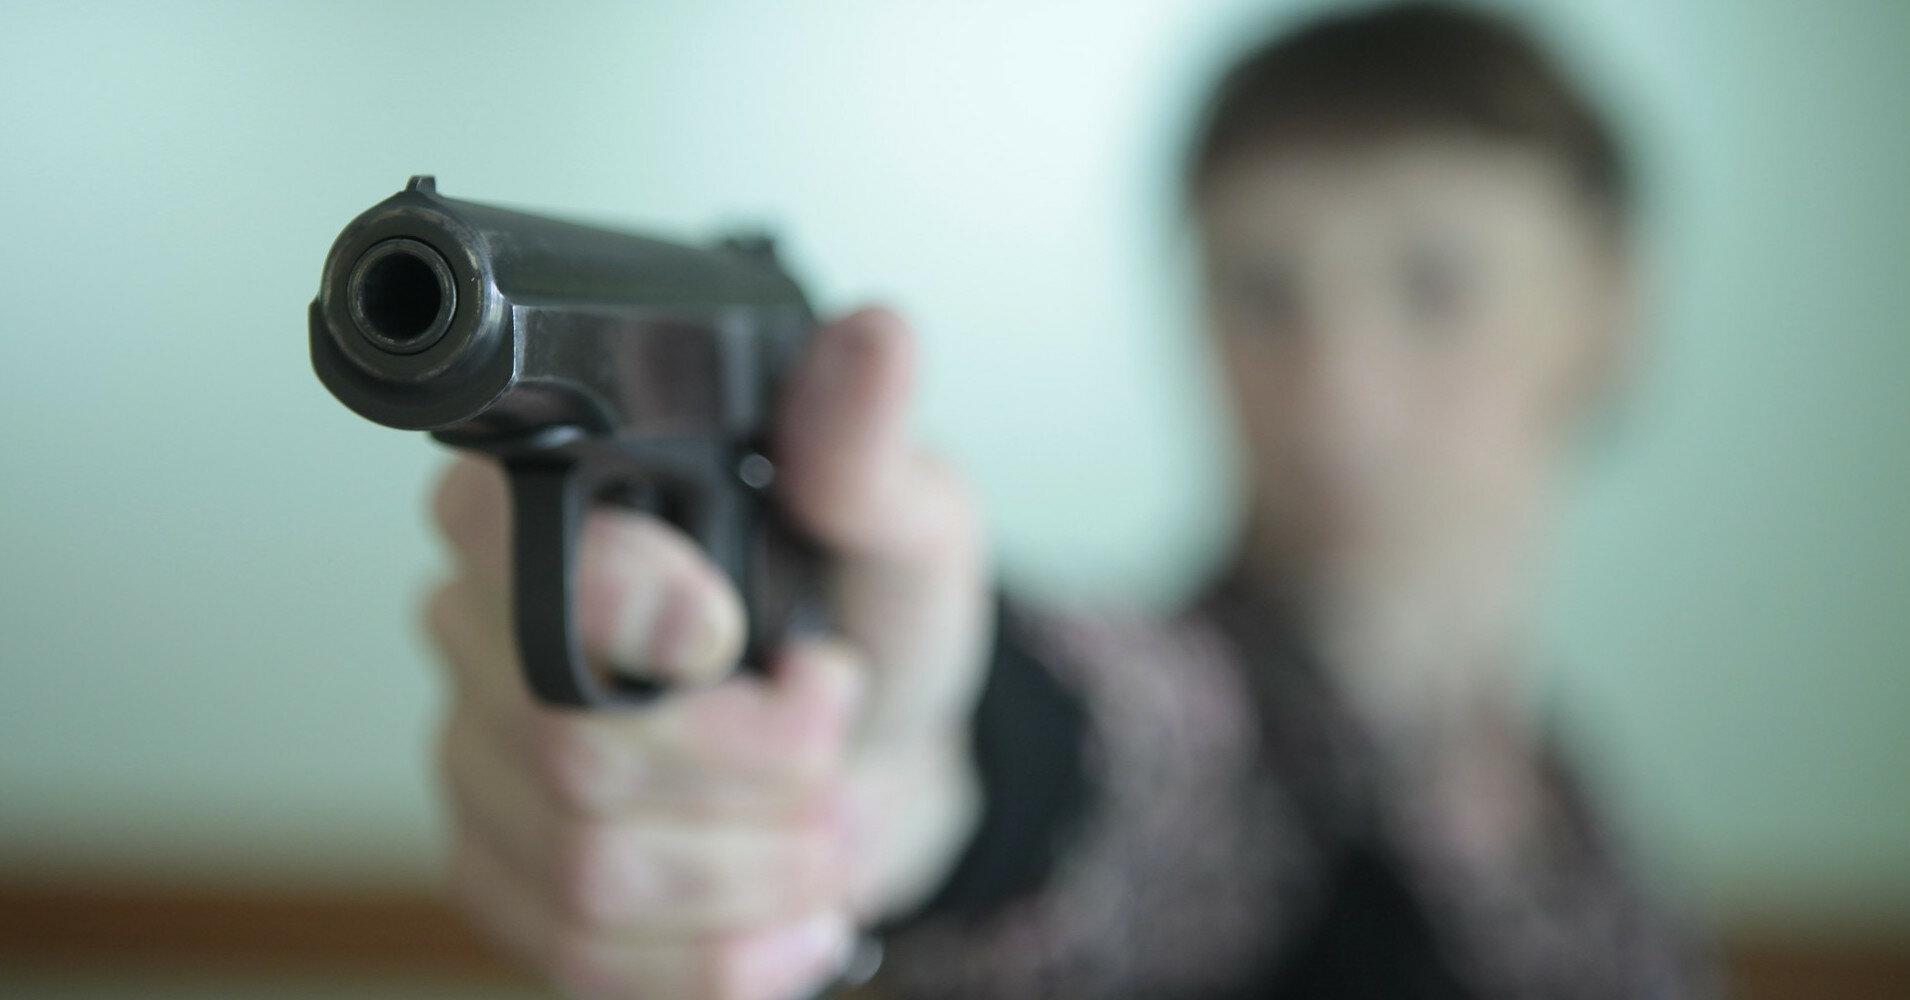 В американской школе подросток застрелил сверстника